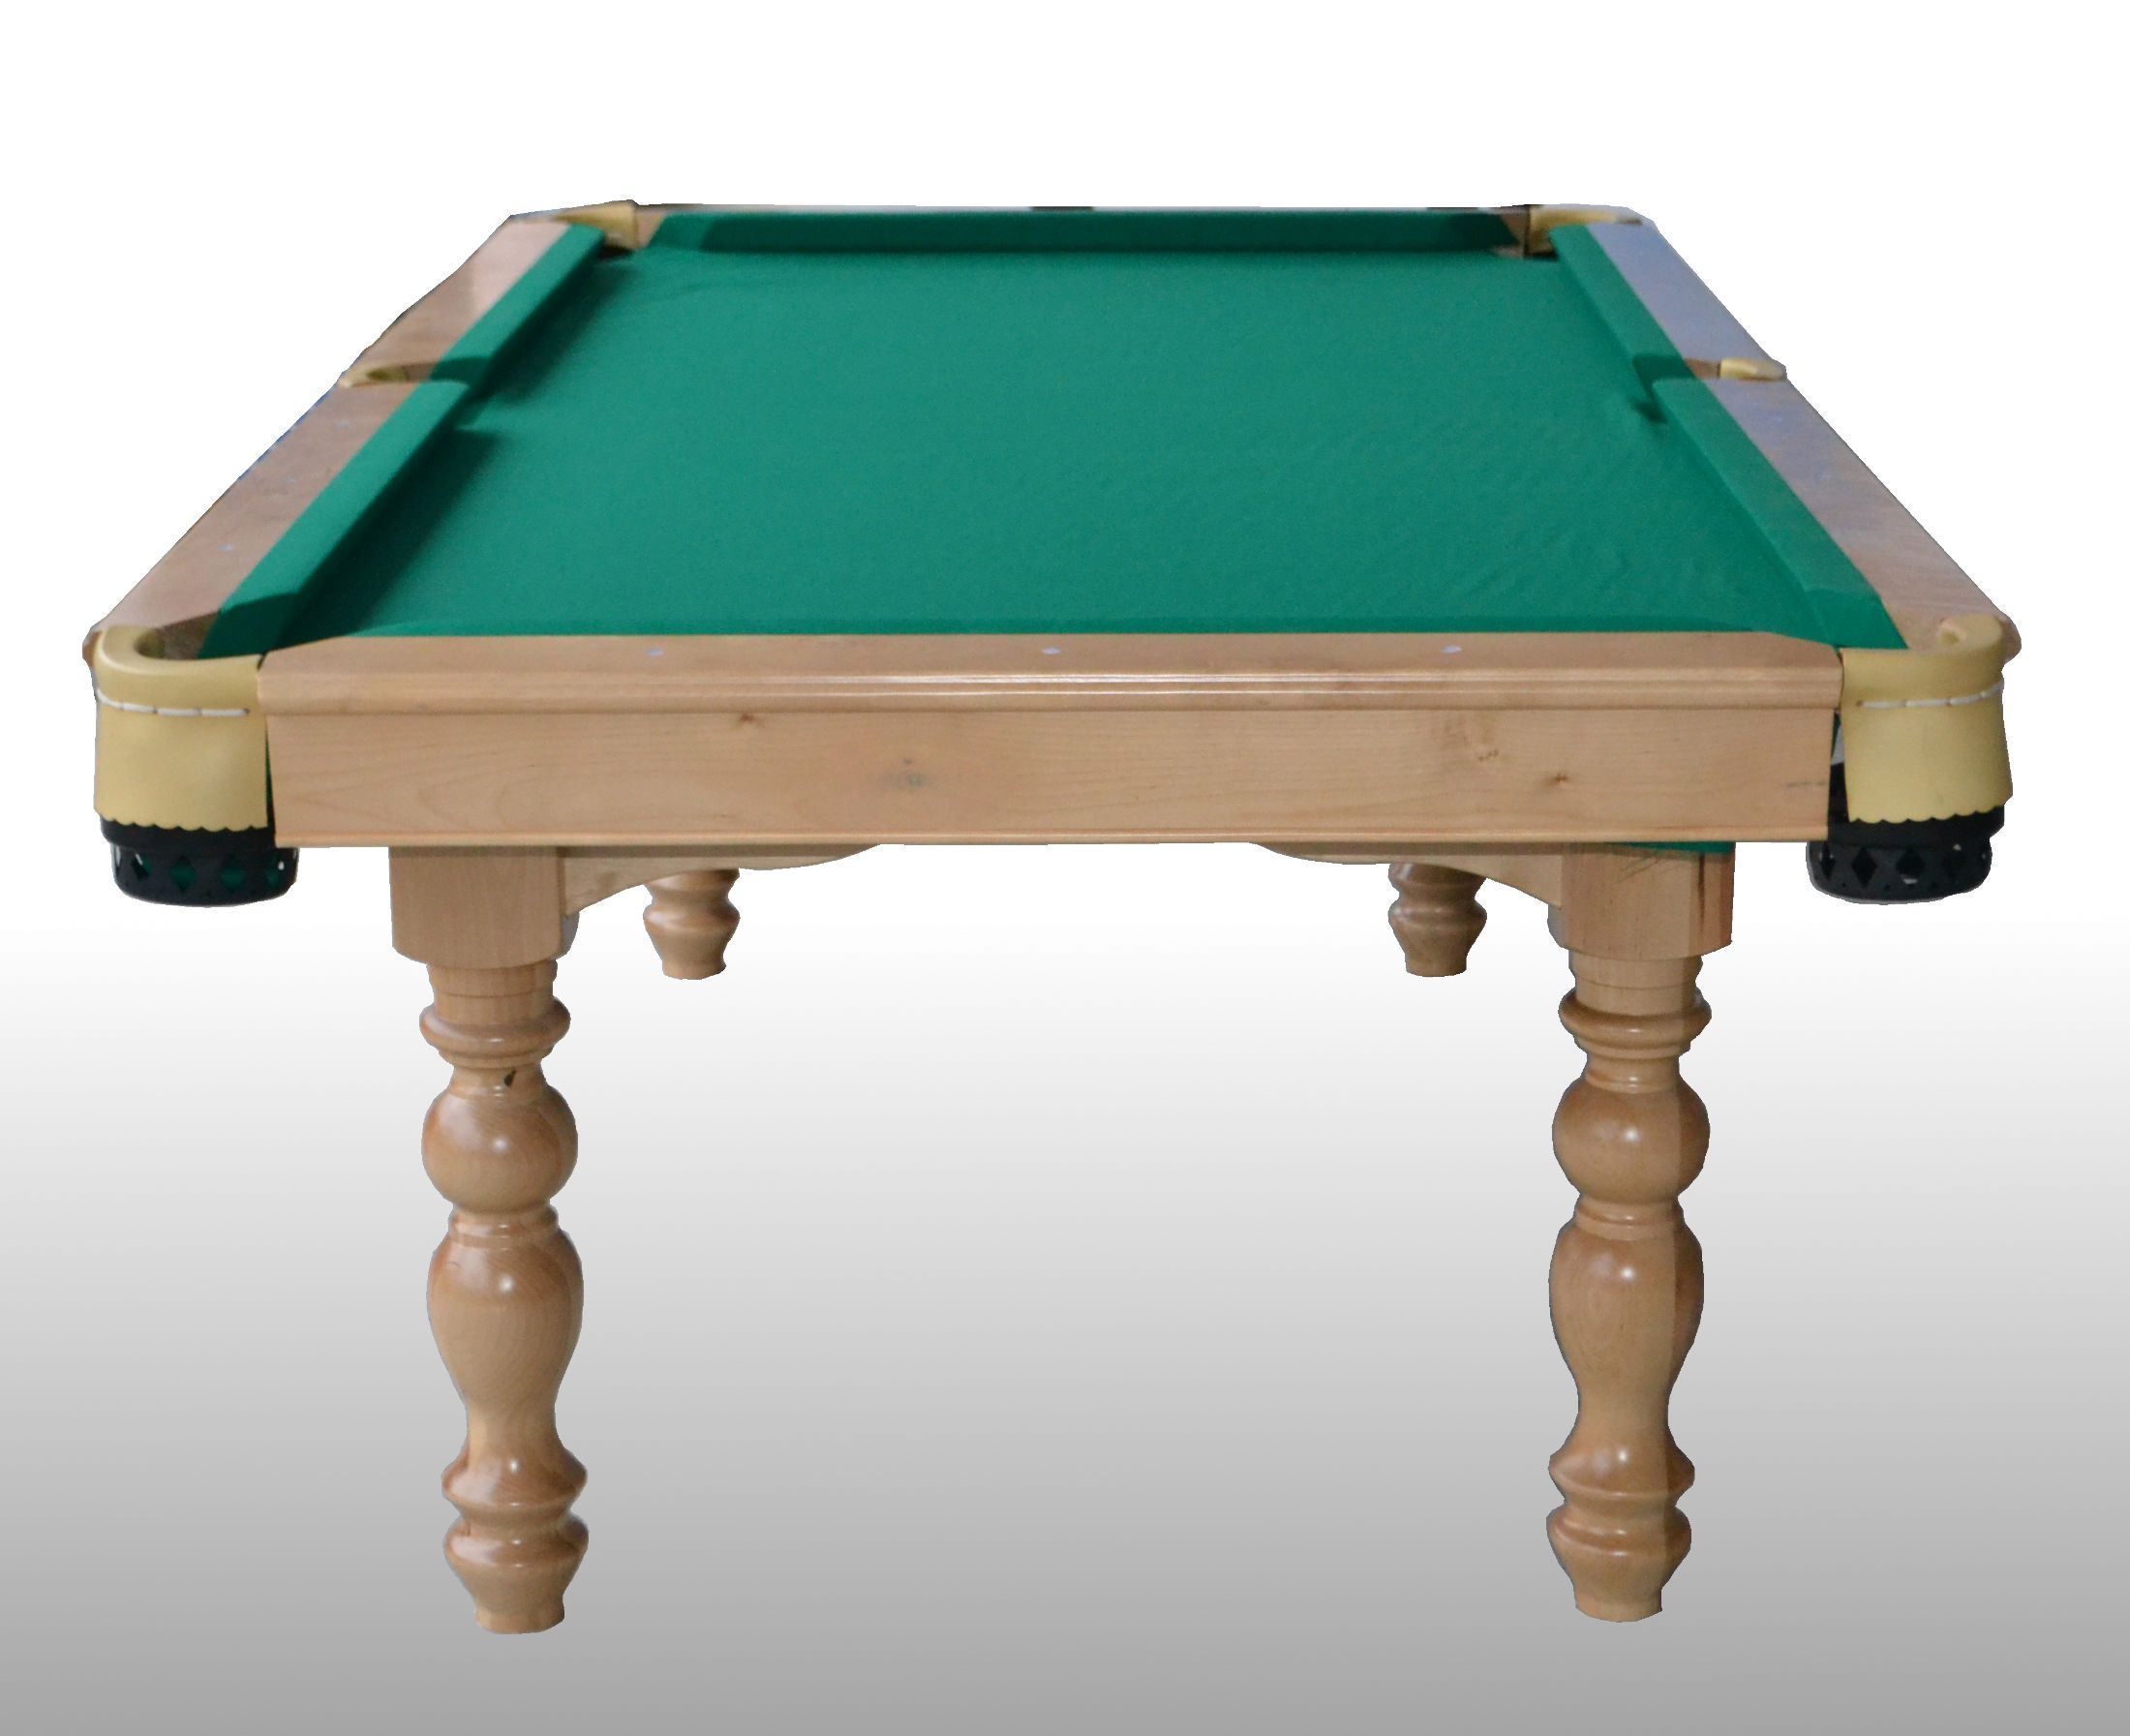 Biliardo olimpo color noce tavolo da biliardo professionale accessori per ebay - Tavolo da biliardo professionale ...